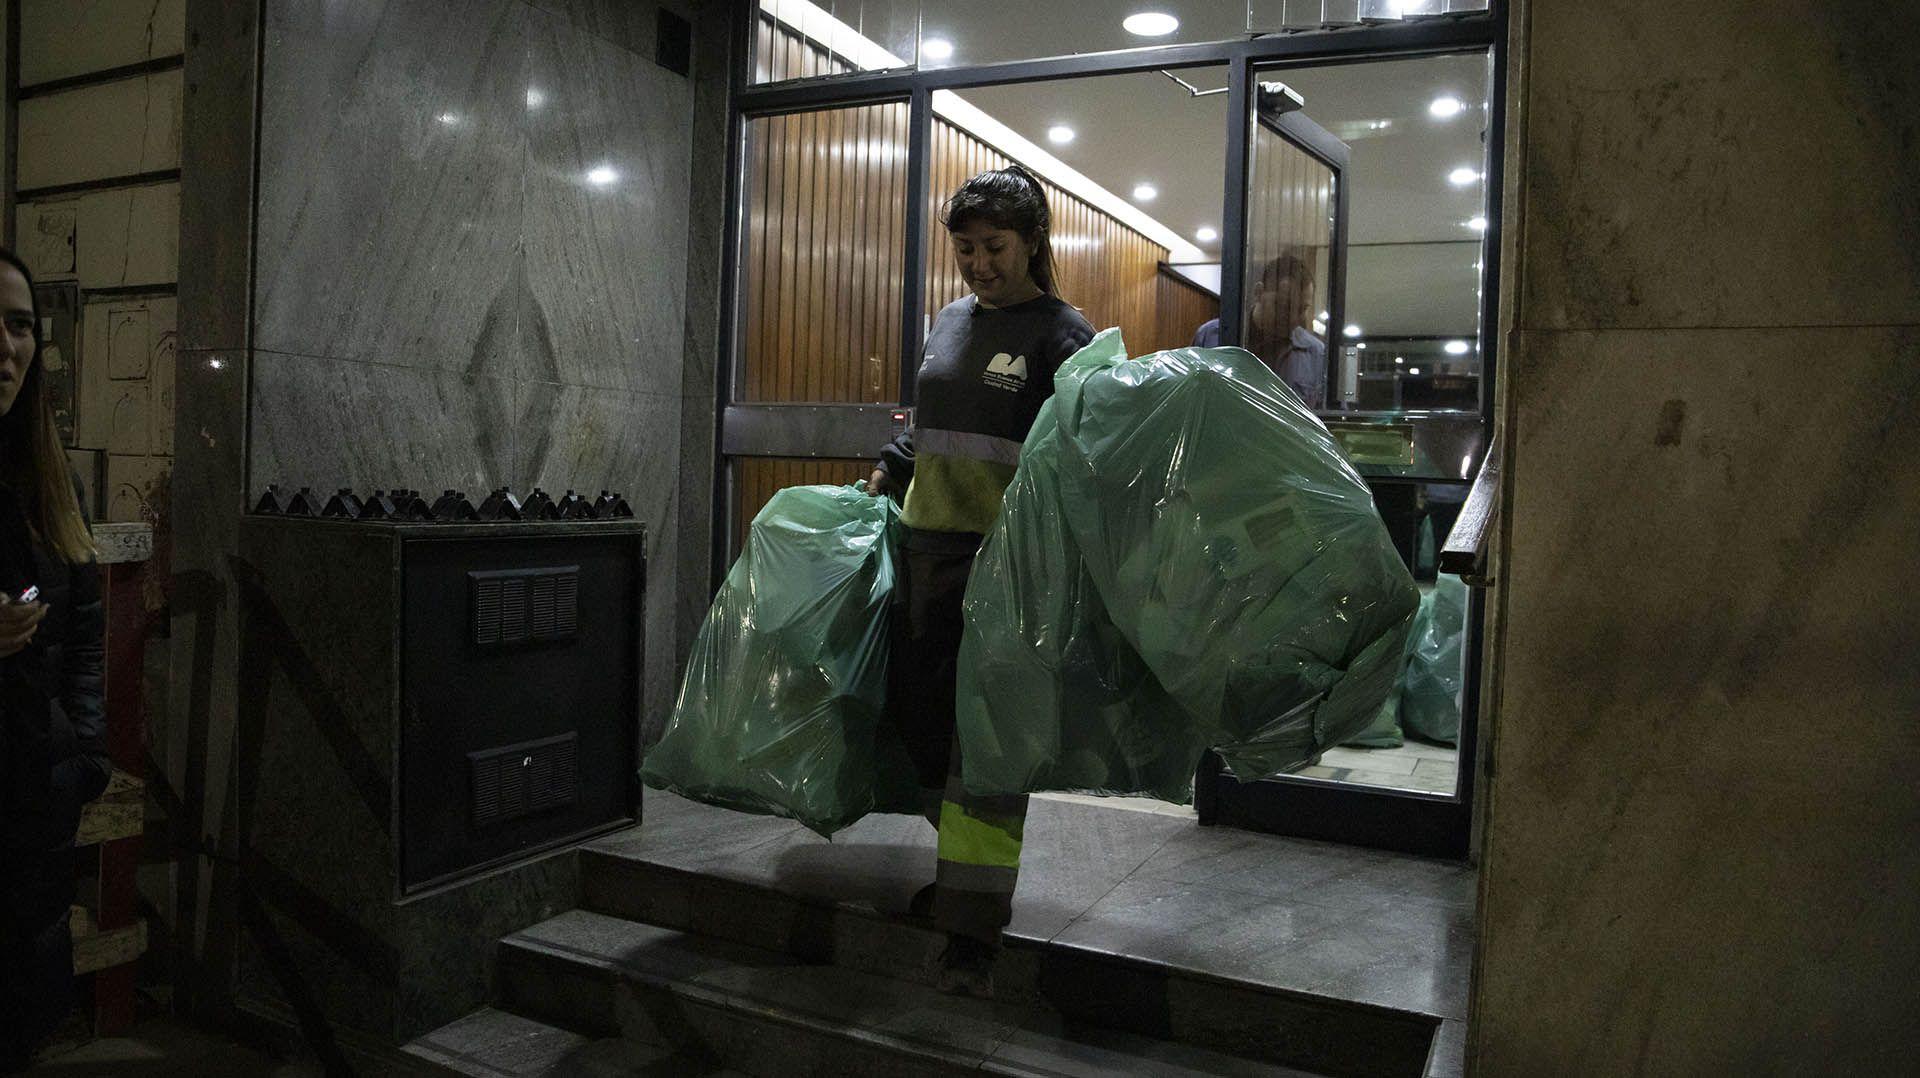 Emilse recorre por las noches la zona de Caballito. Recolecta material reciclable hasta llegar, por lo menos, al peso mínimo que le exigen en la Cooperadora: 50 kilos (Lihue Althabe)